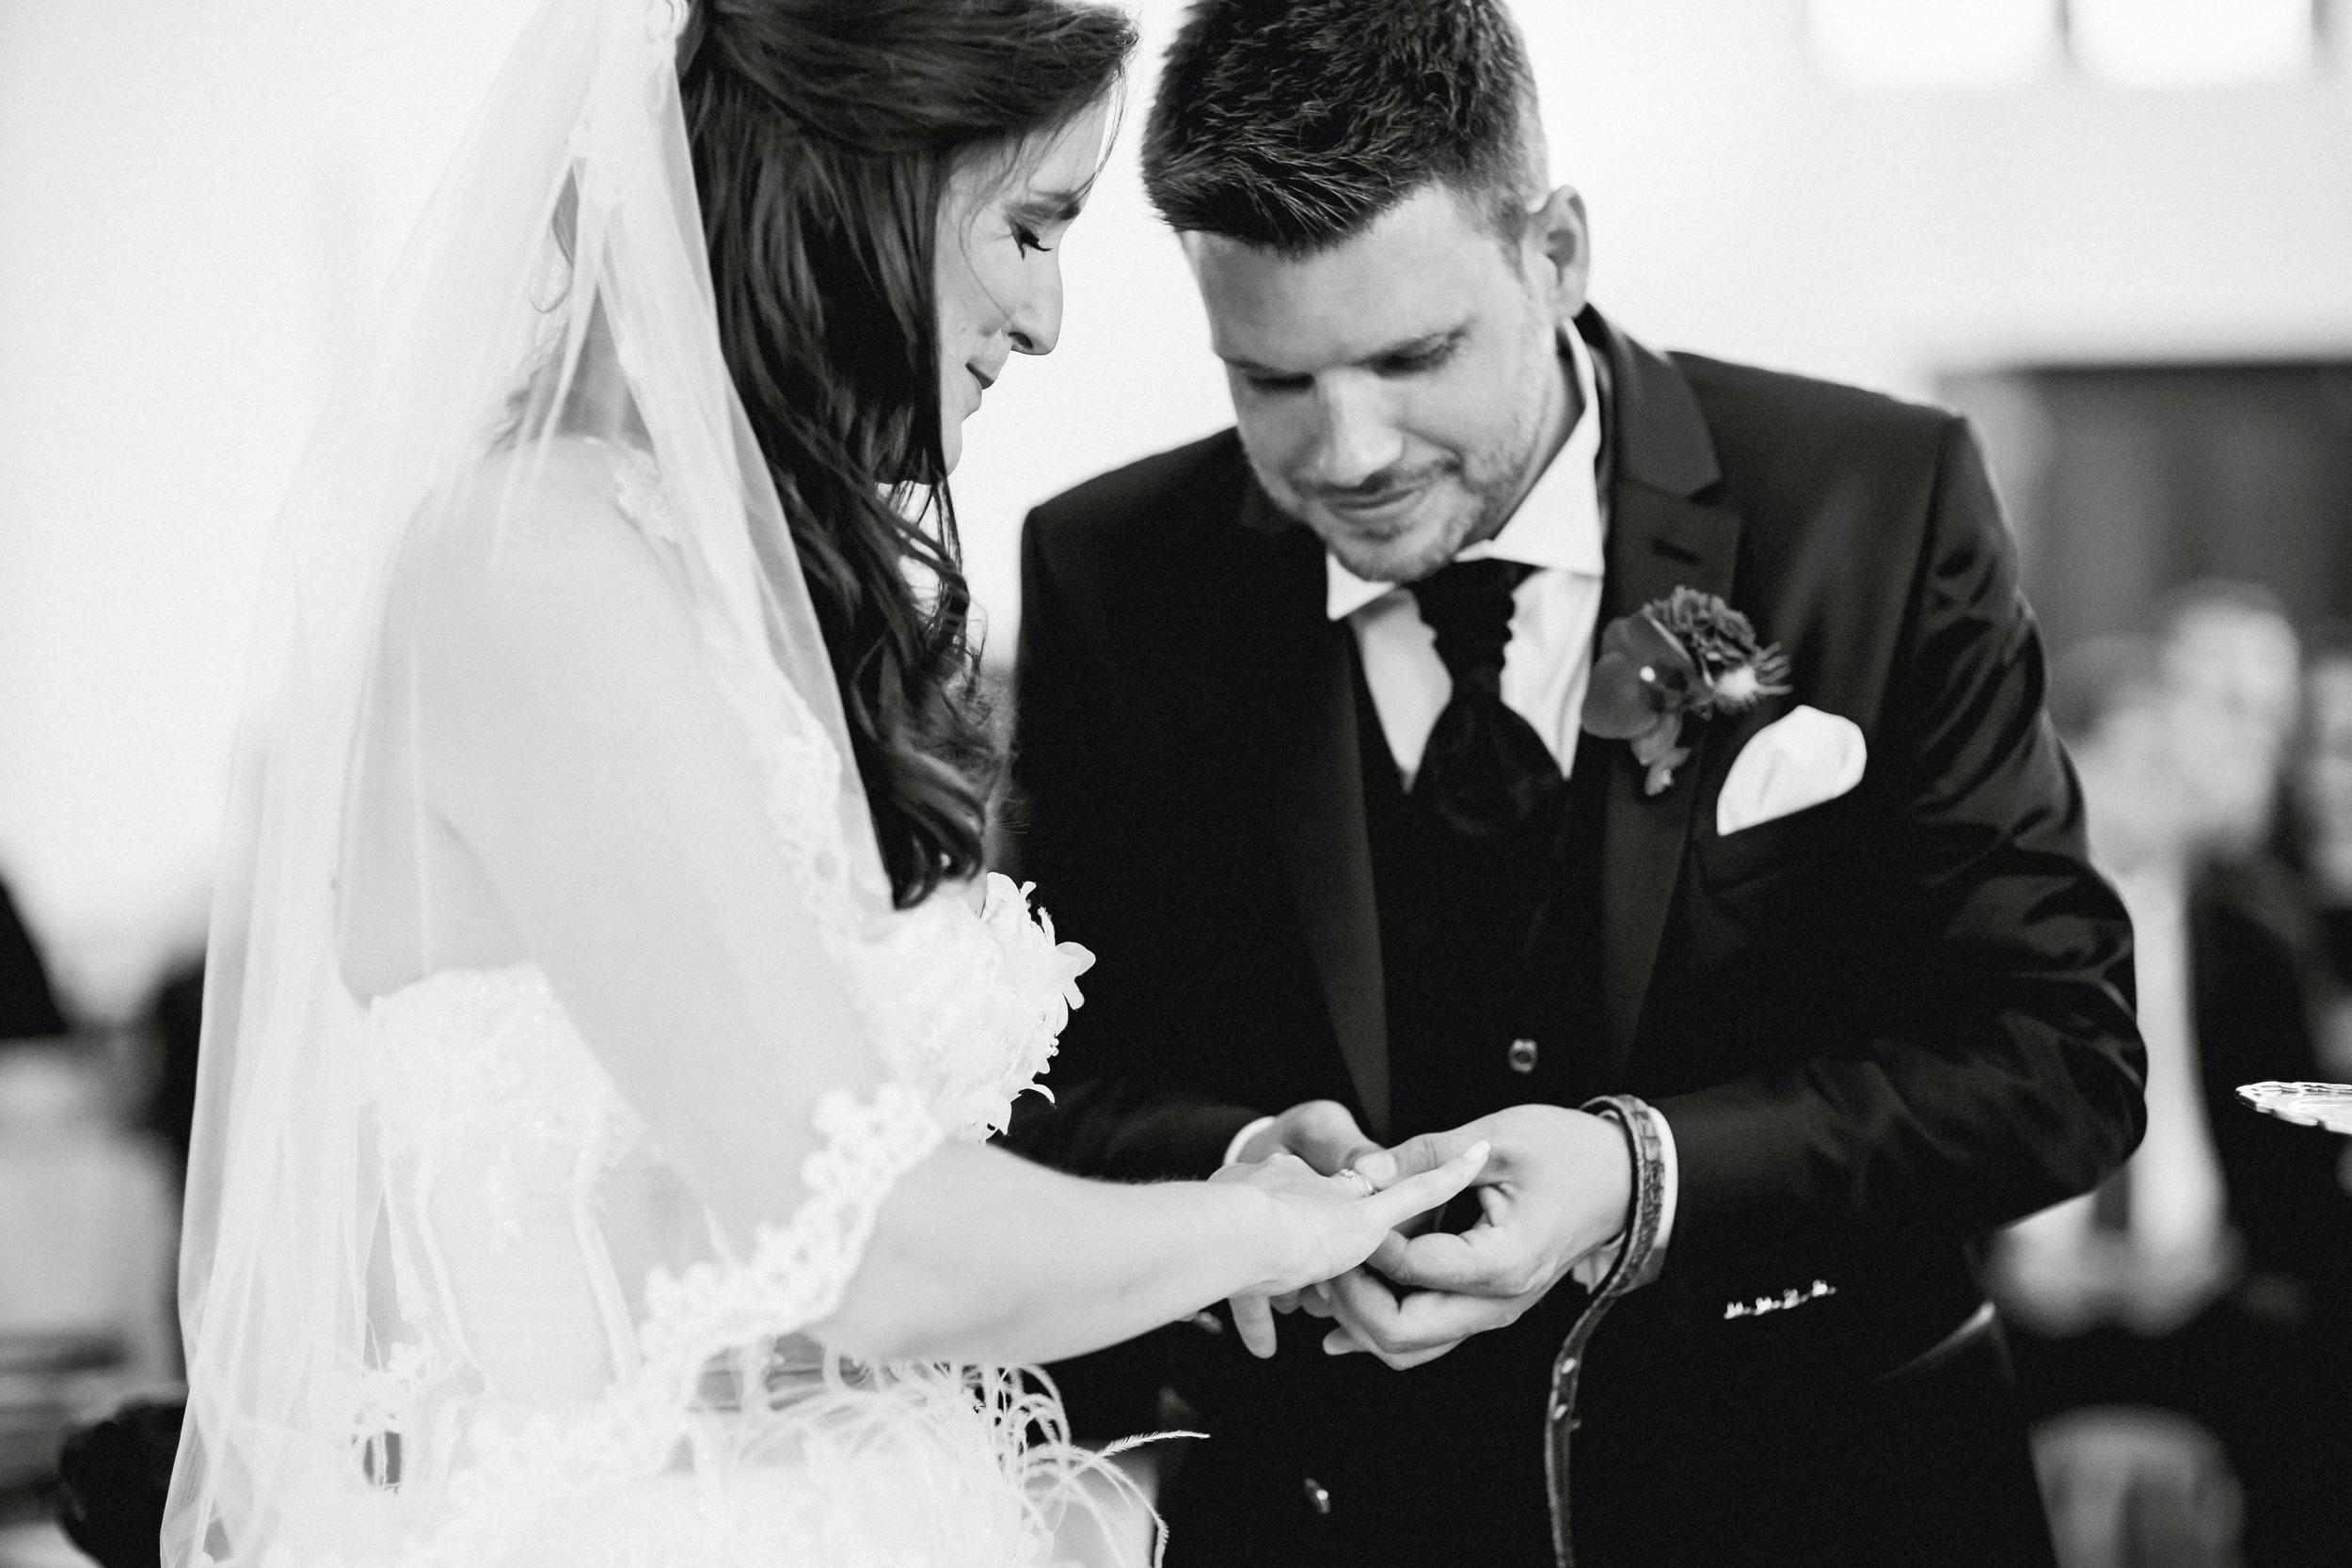 Hochzeit_244sw.jpg